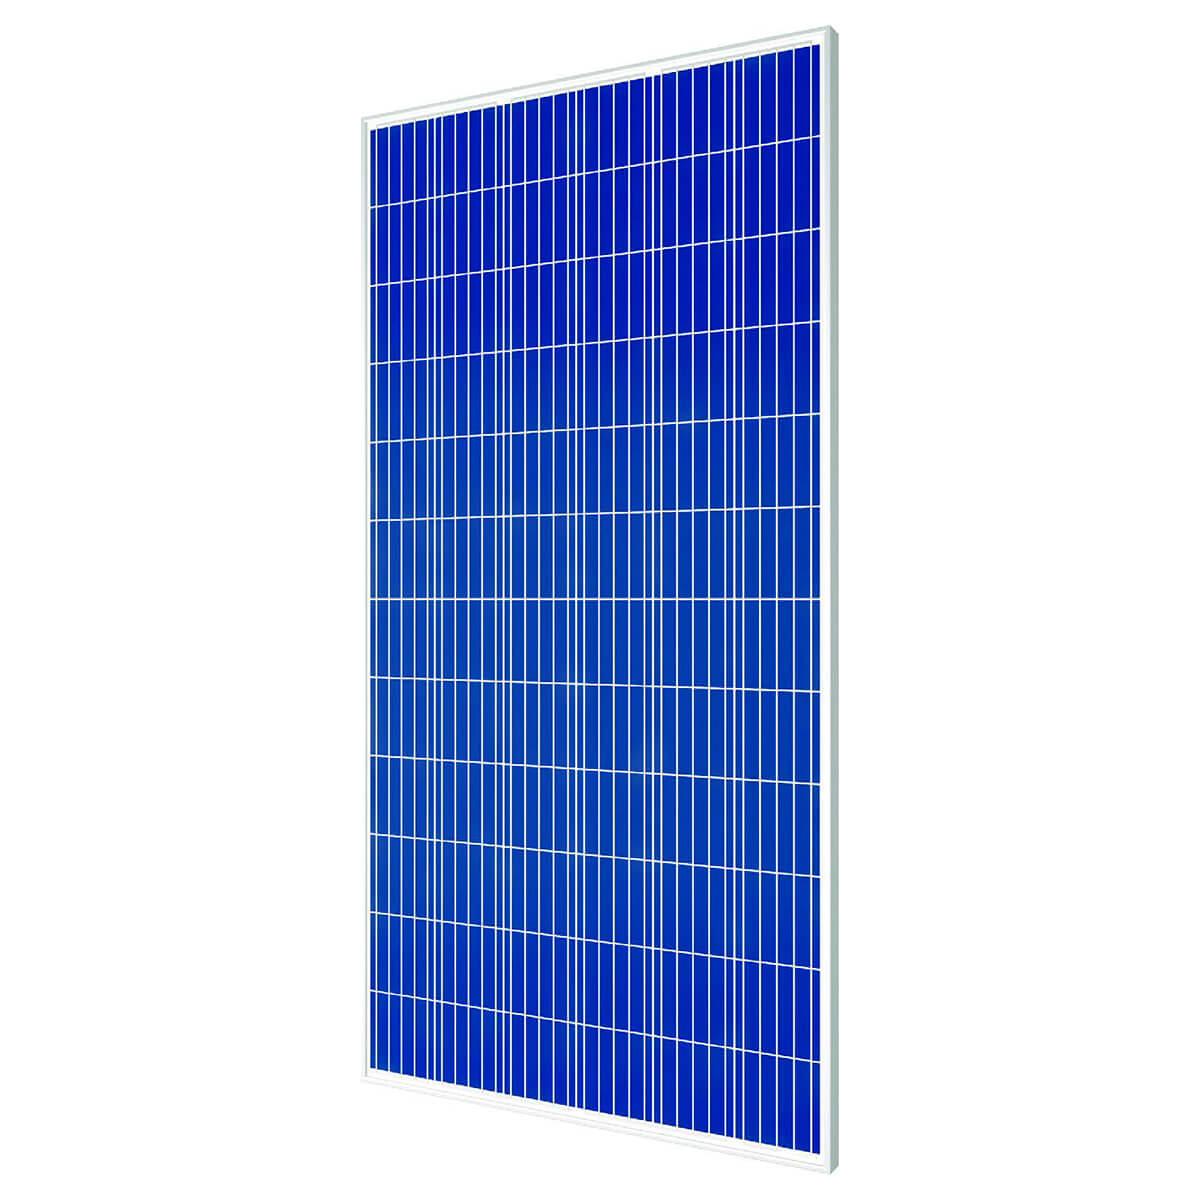 cw enerji 340W panel, cw enerji 340Watt panel, cw enerji 340 W panel, cw enerji 340 Watt panel, cw enerji 340 Watt polikristal panel, cw enerji 340 W watt gunes paneli, cw enerji 340 W watt polikristal gunes paneli, cw enerji 340 W Watt fotovoltaik polikristal solar panel, cw enerji 340W polikristal gunes enerjisi, cw enerji CWT340-72P-340 panel, CW Enerji 340 WATT